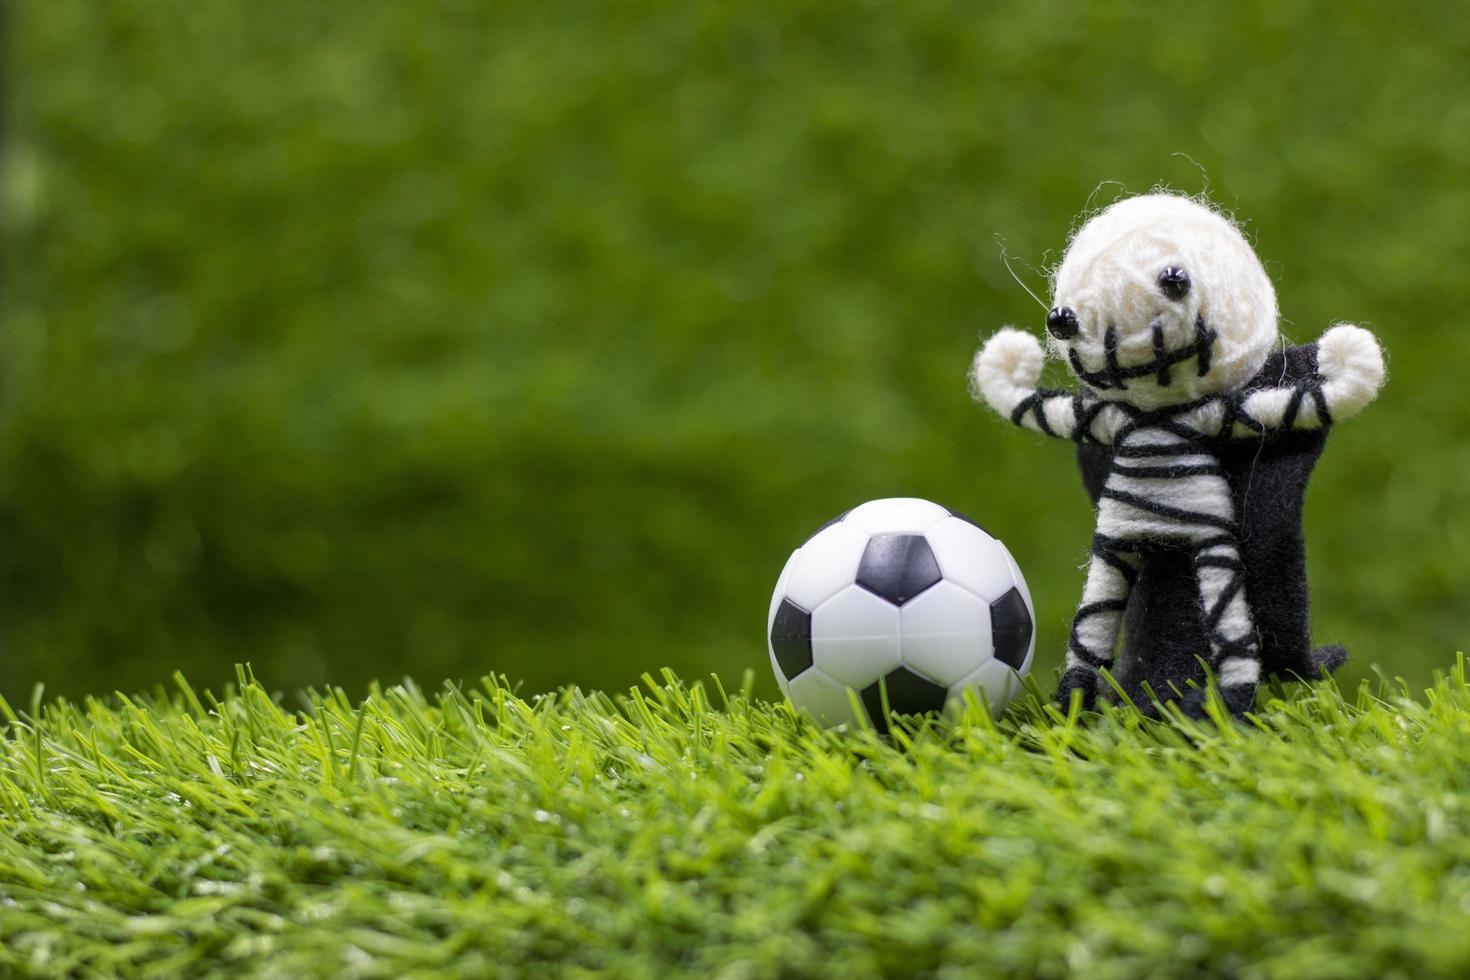 football avec fantôme pour les vacances d'halloween sur l'herbe verte photo